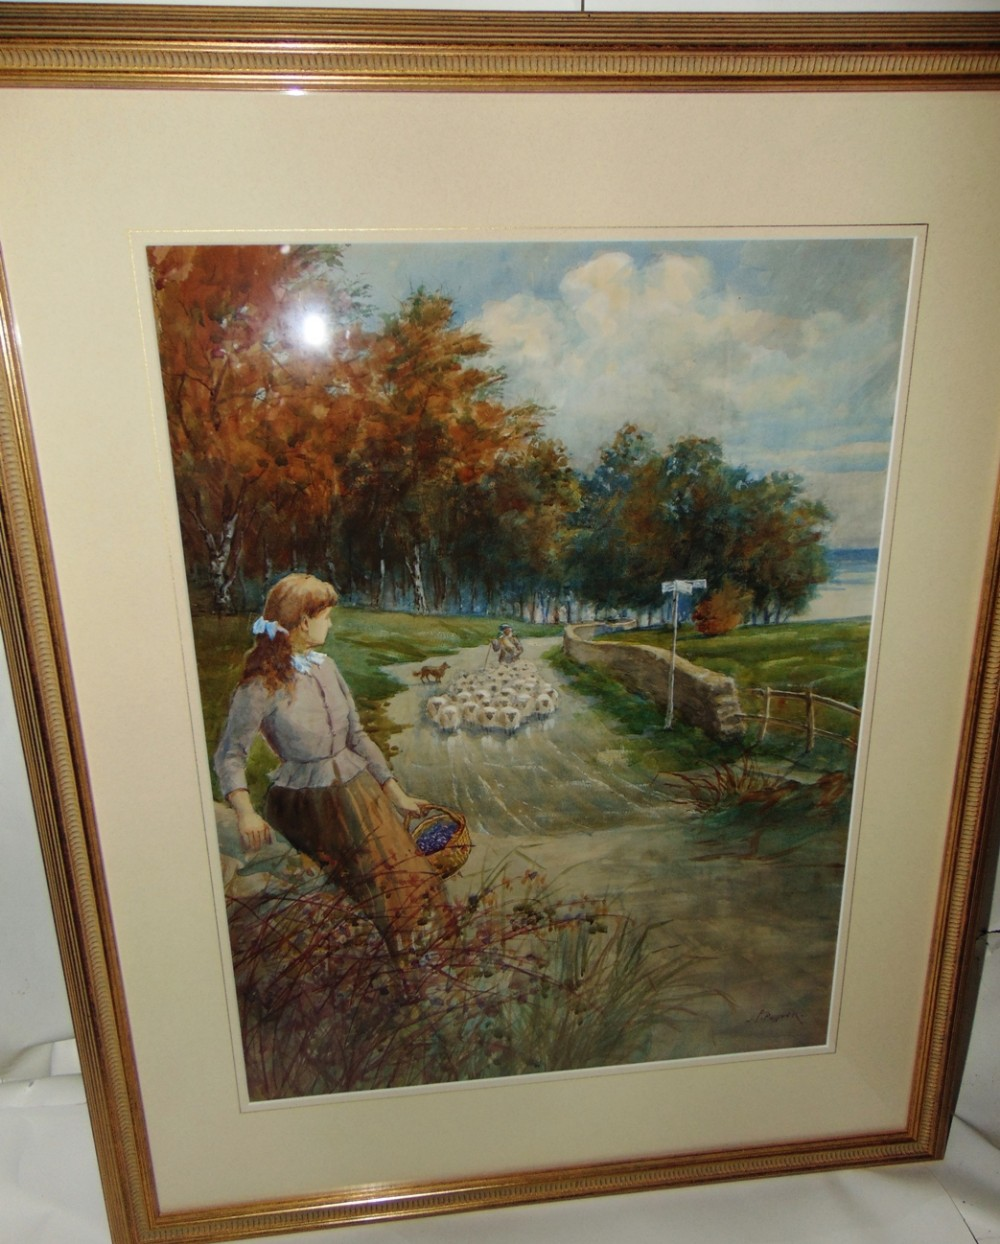 watercolour rural scene by jpollock circa 1915